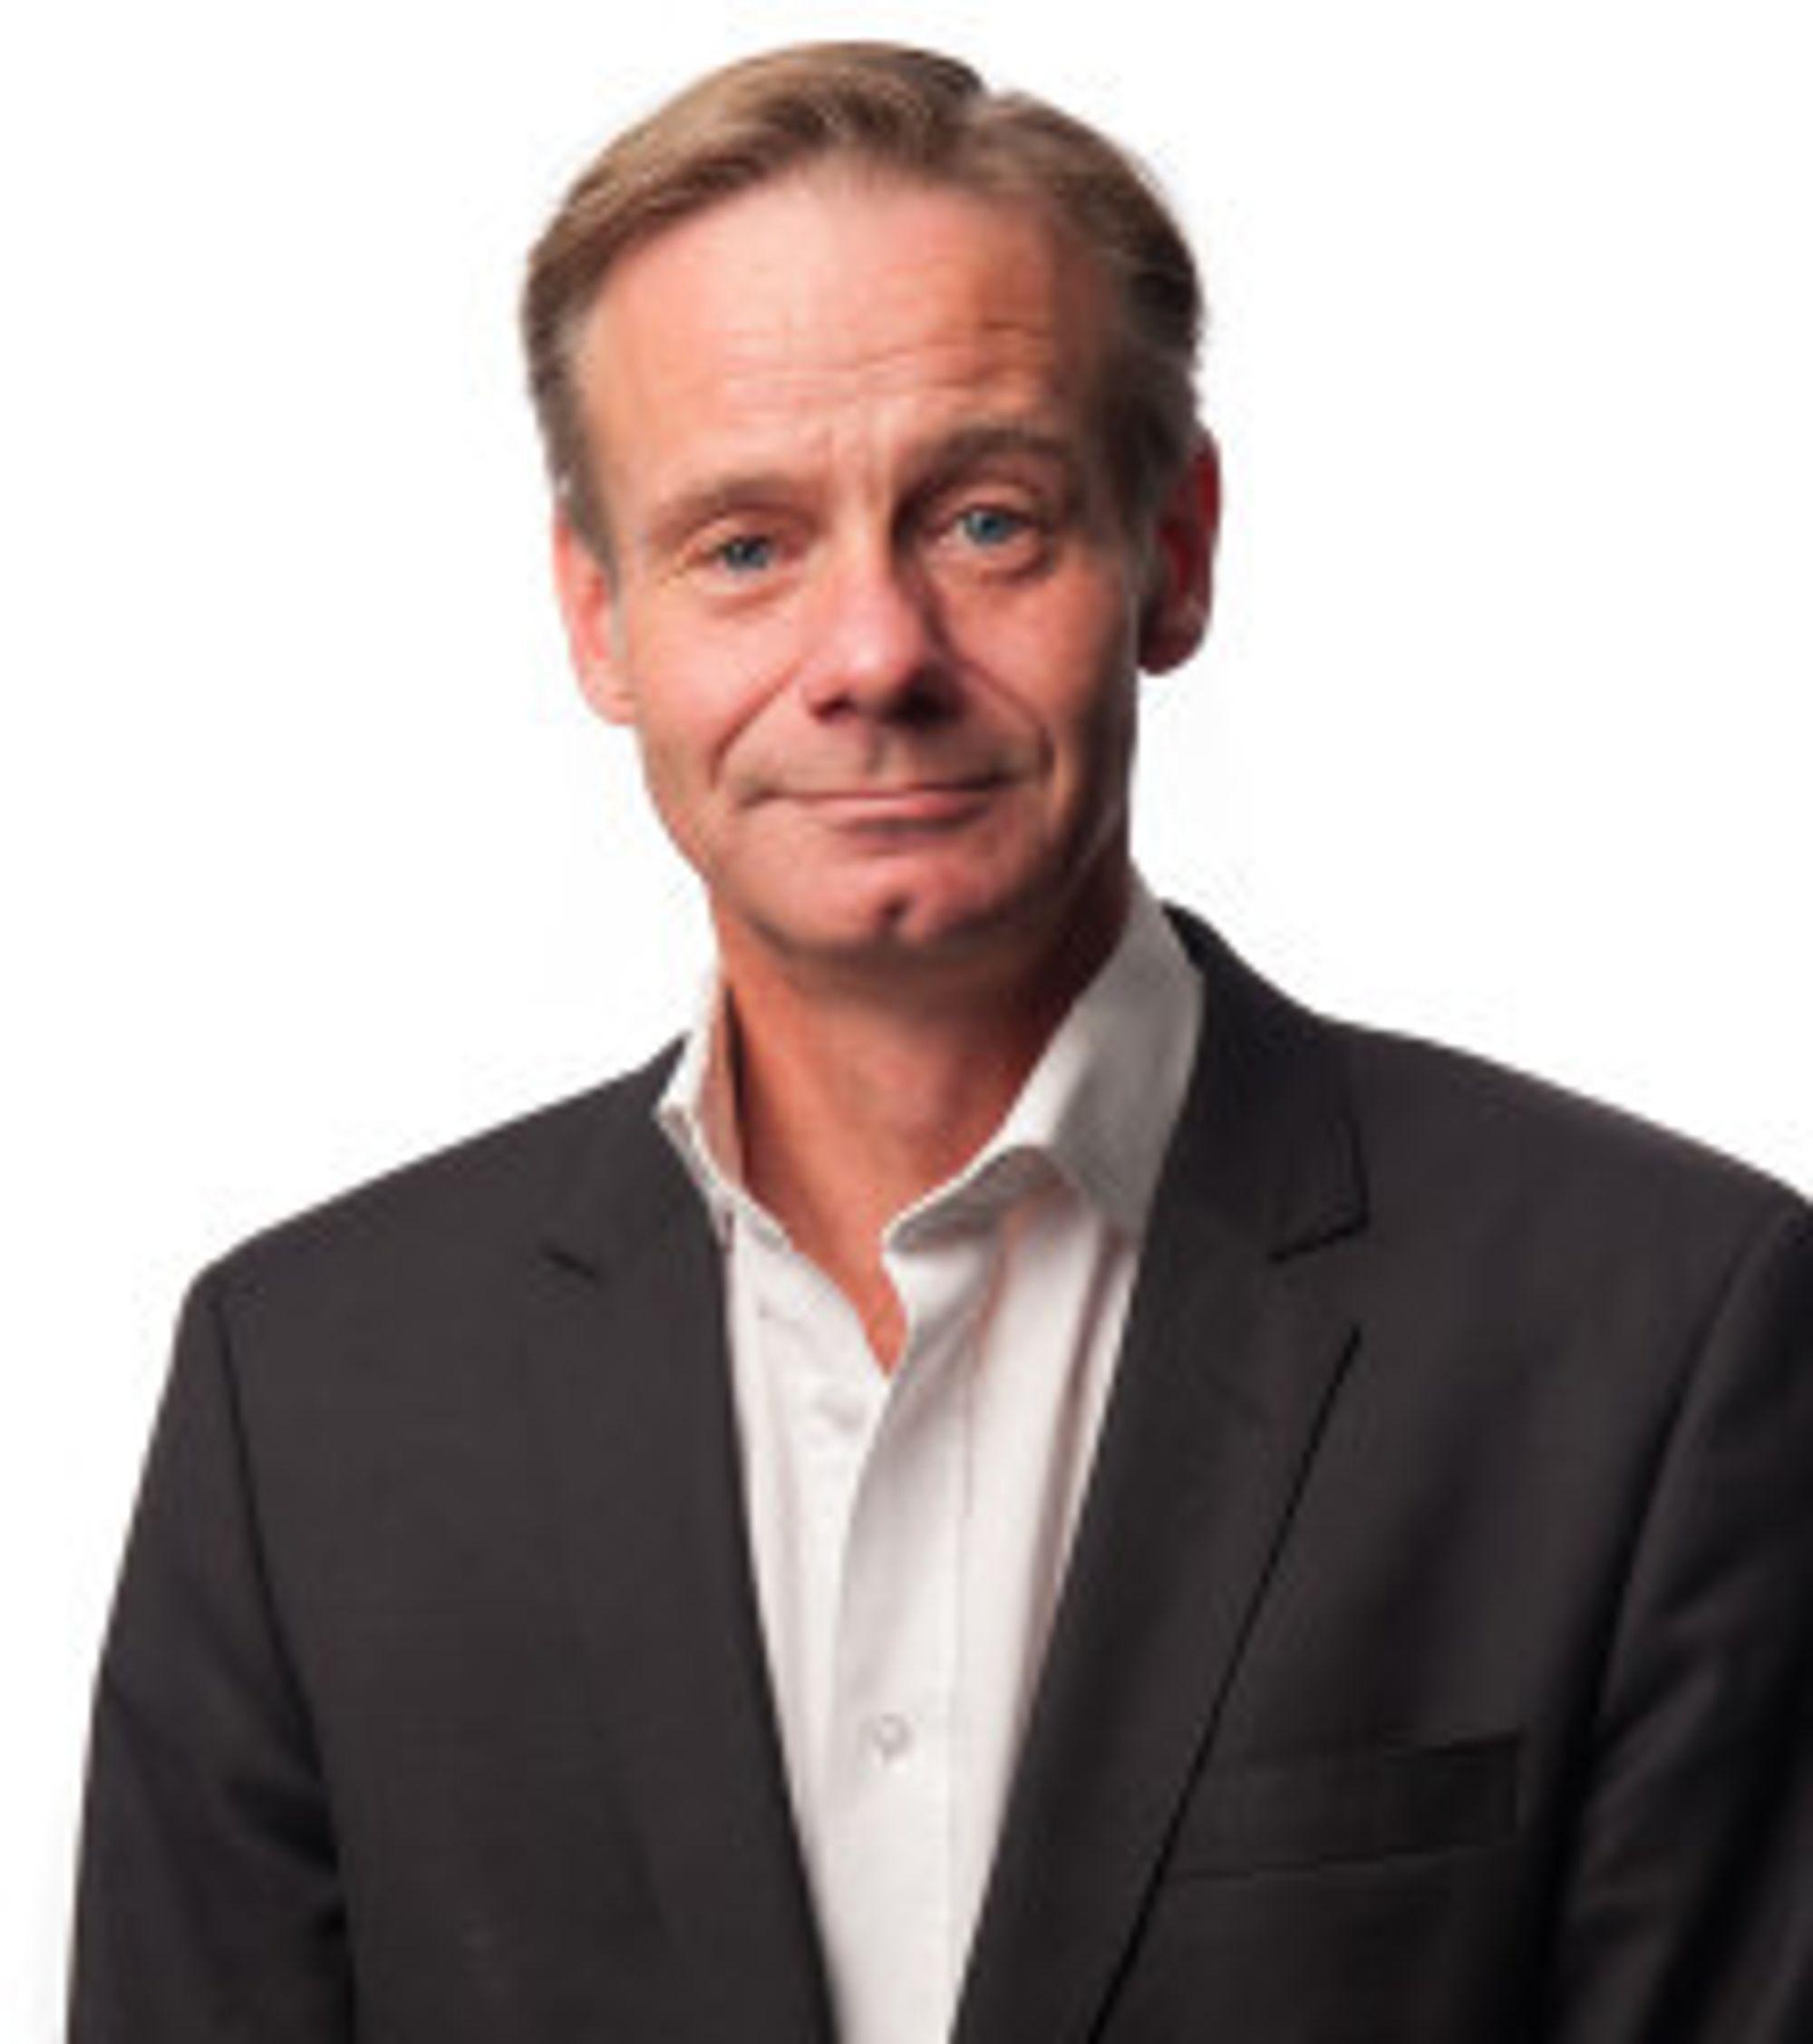 Cato Asperud er kommunikasjonssjef i Sporveien.